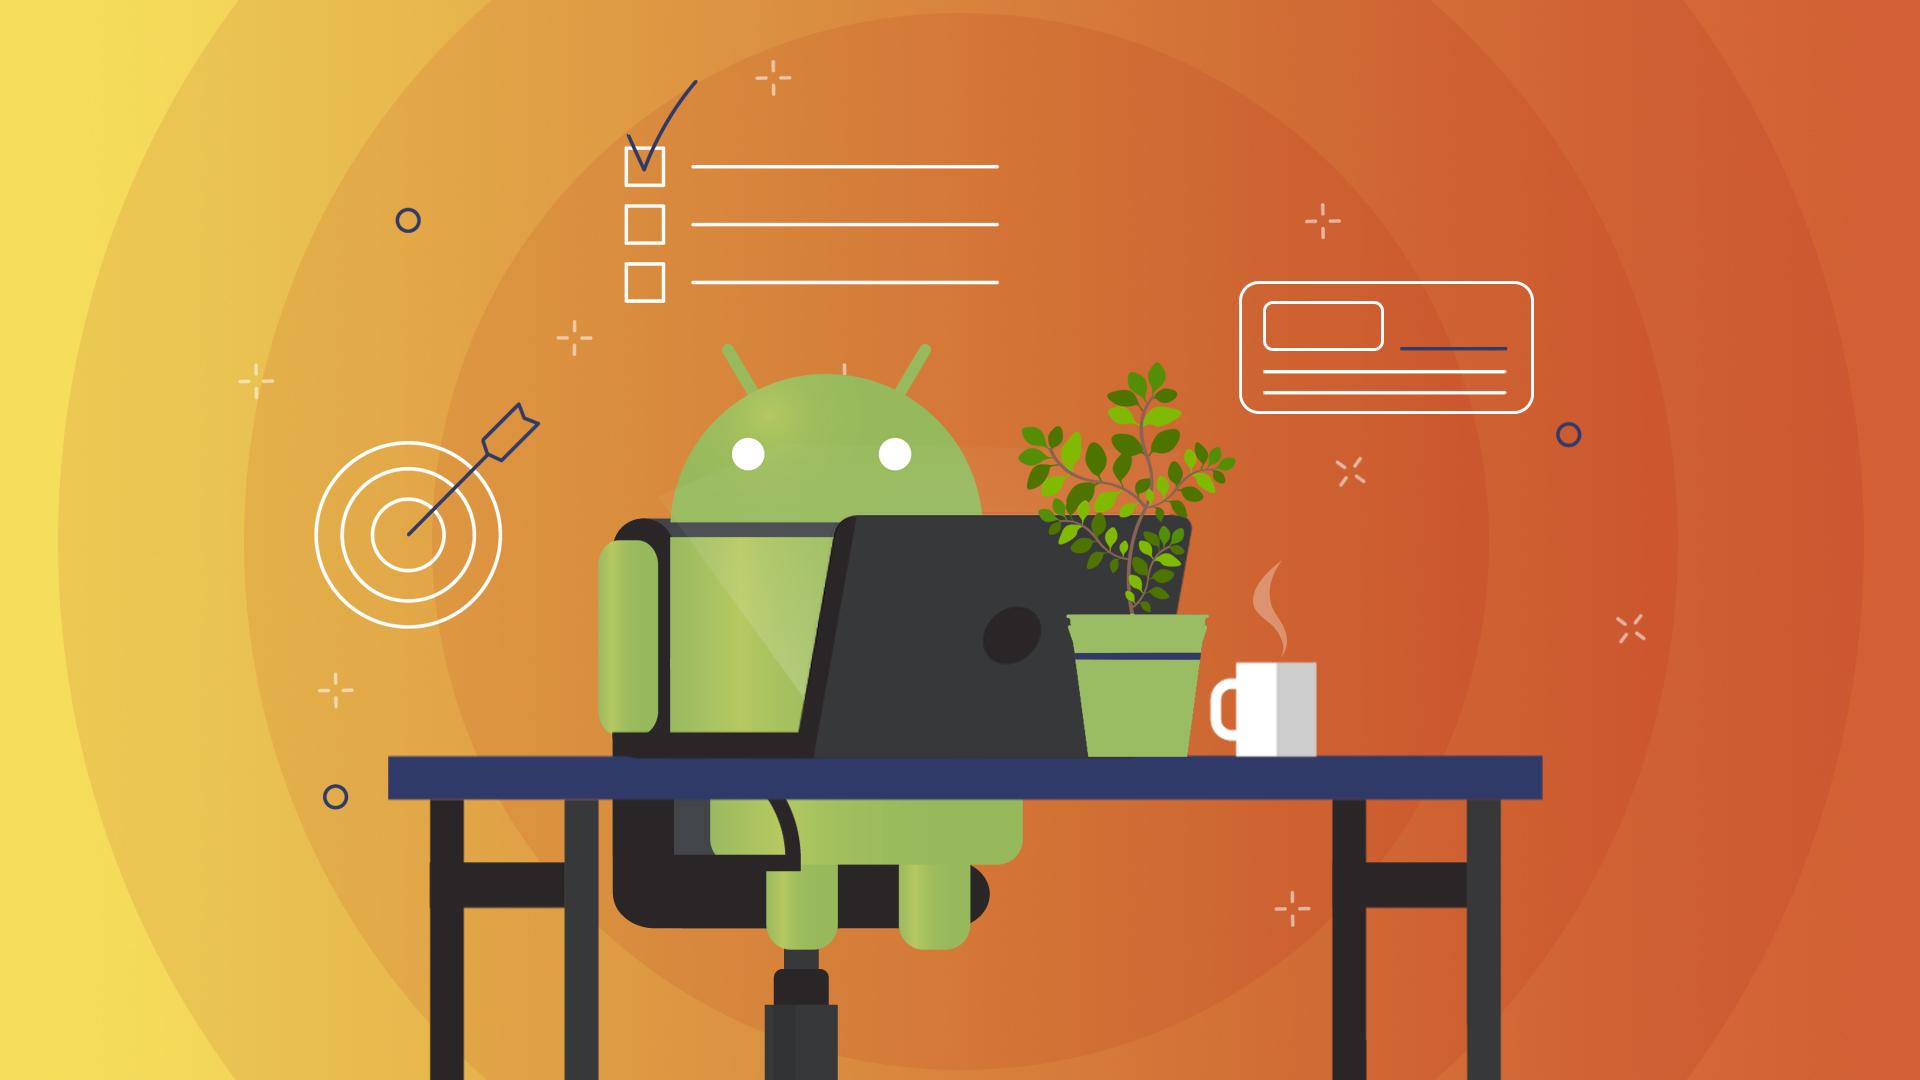 Вебинар Разрабатываем простое клиент-серверное Android-приложение фото